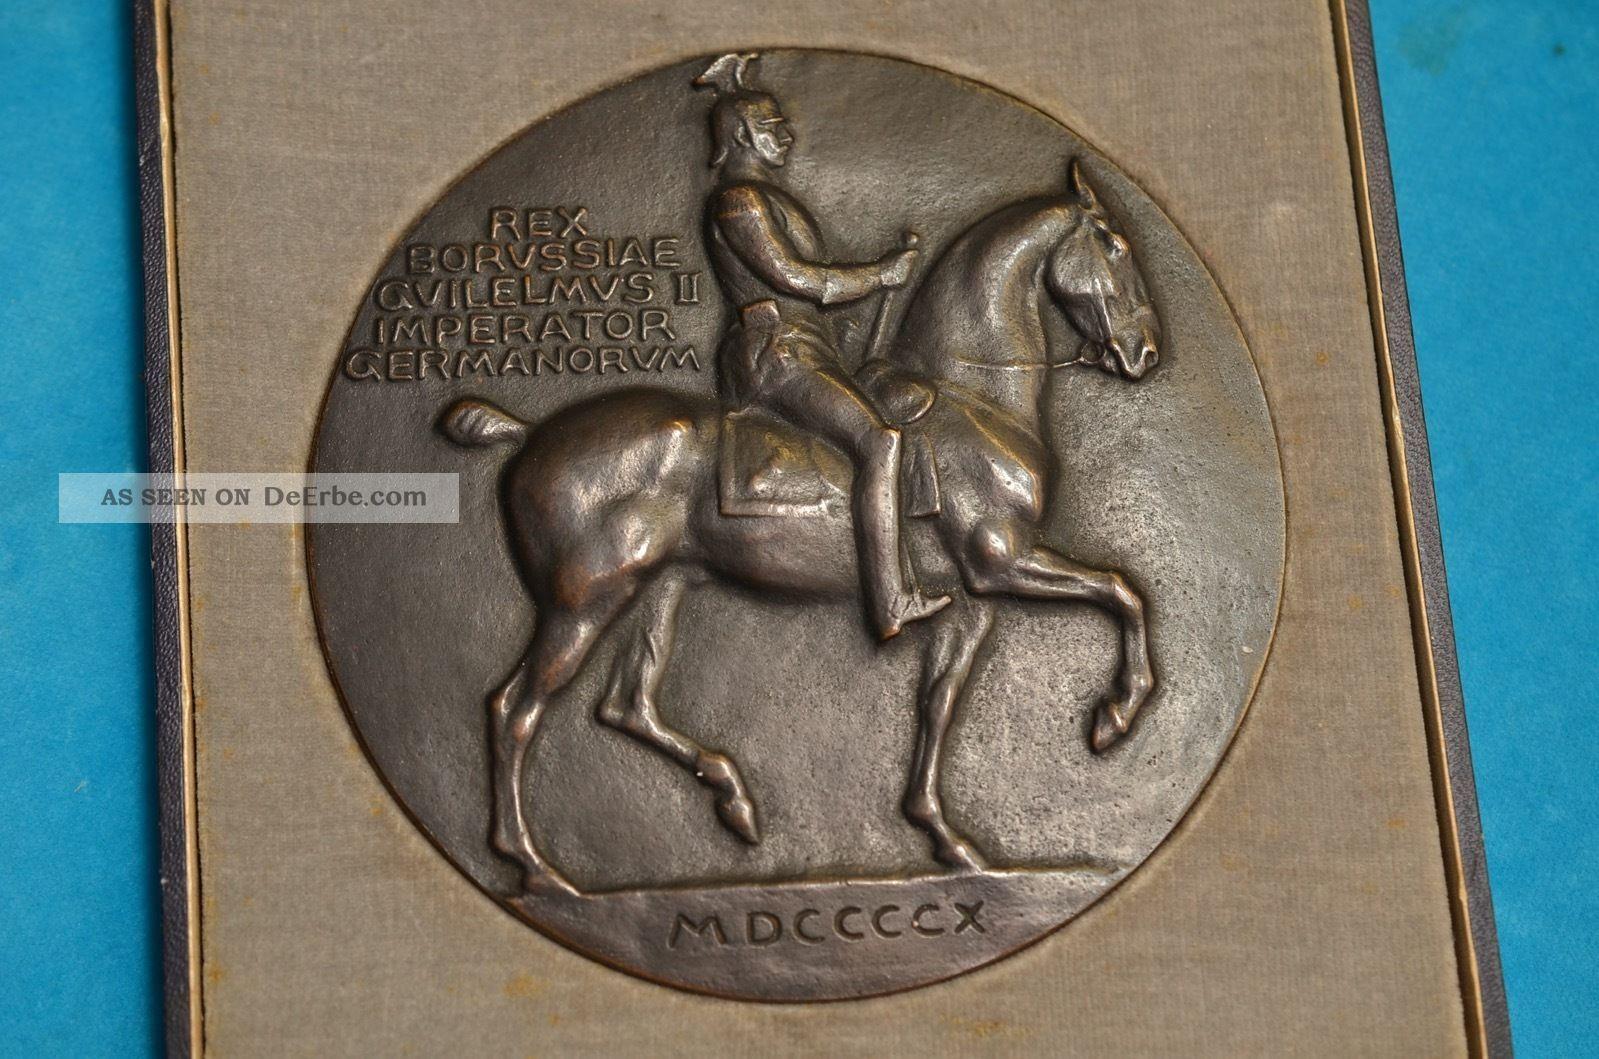 Alte Antike Preußische Bronzeplakette Imperator Germanorum Orig.  Schatulle 1910 Bronze Bild